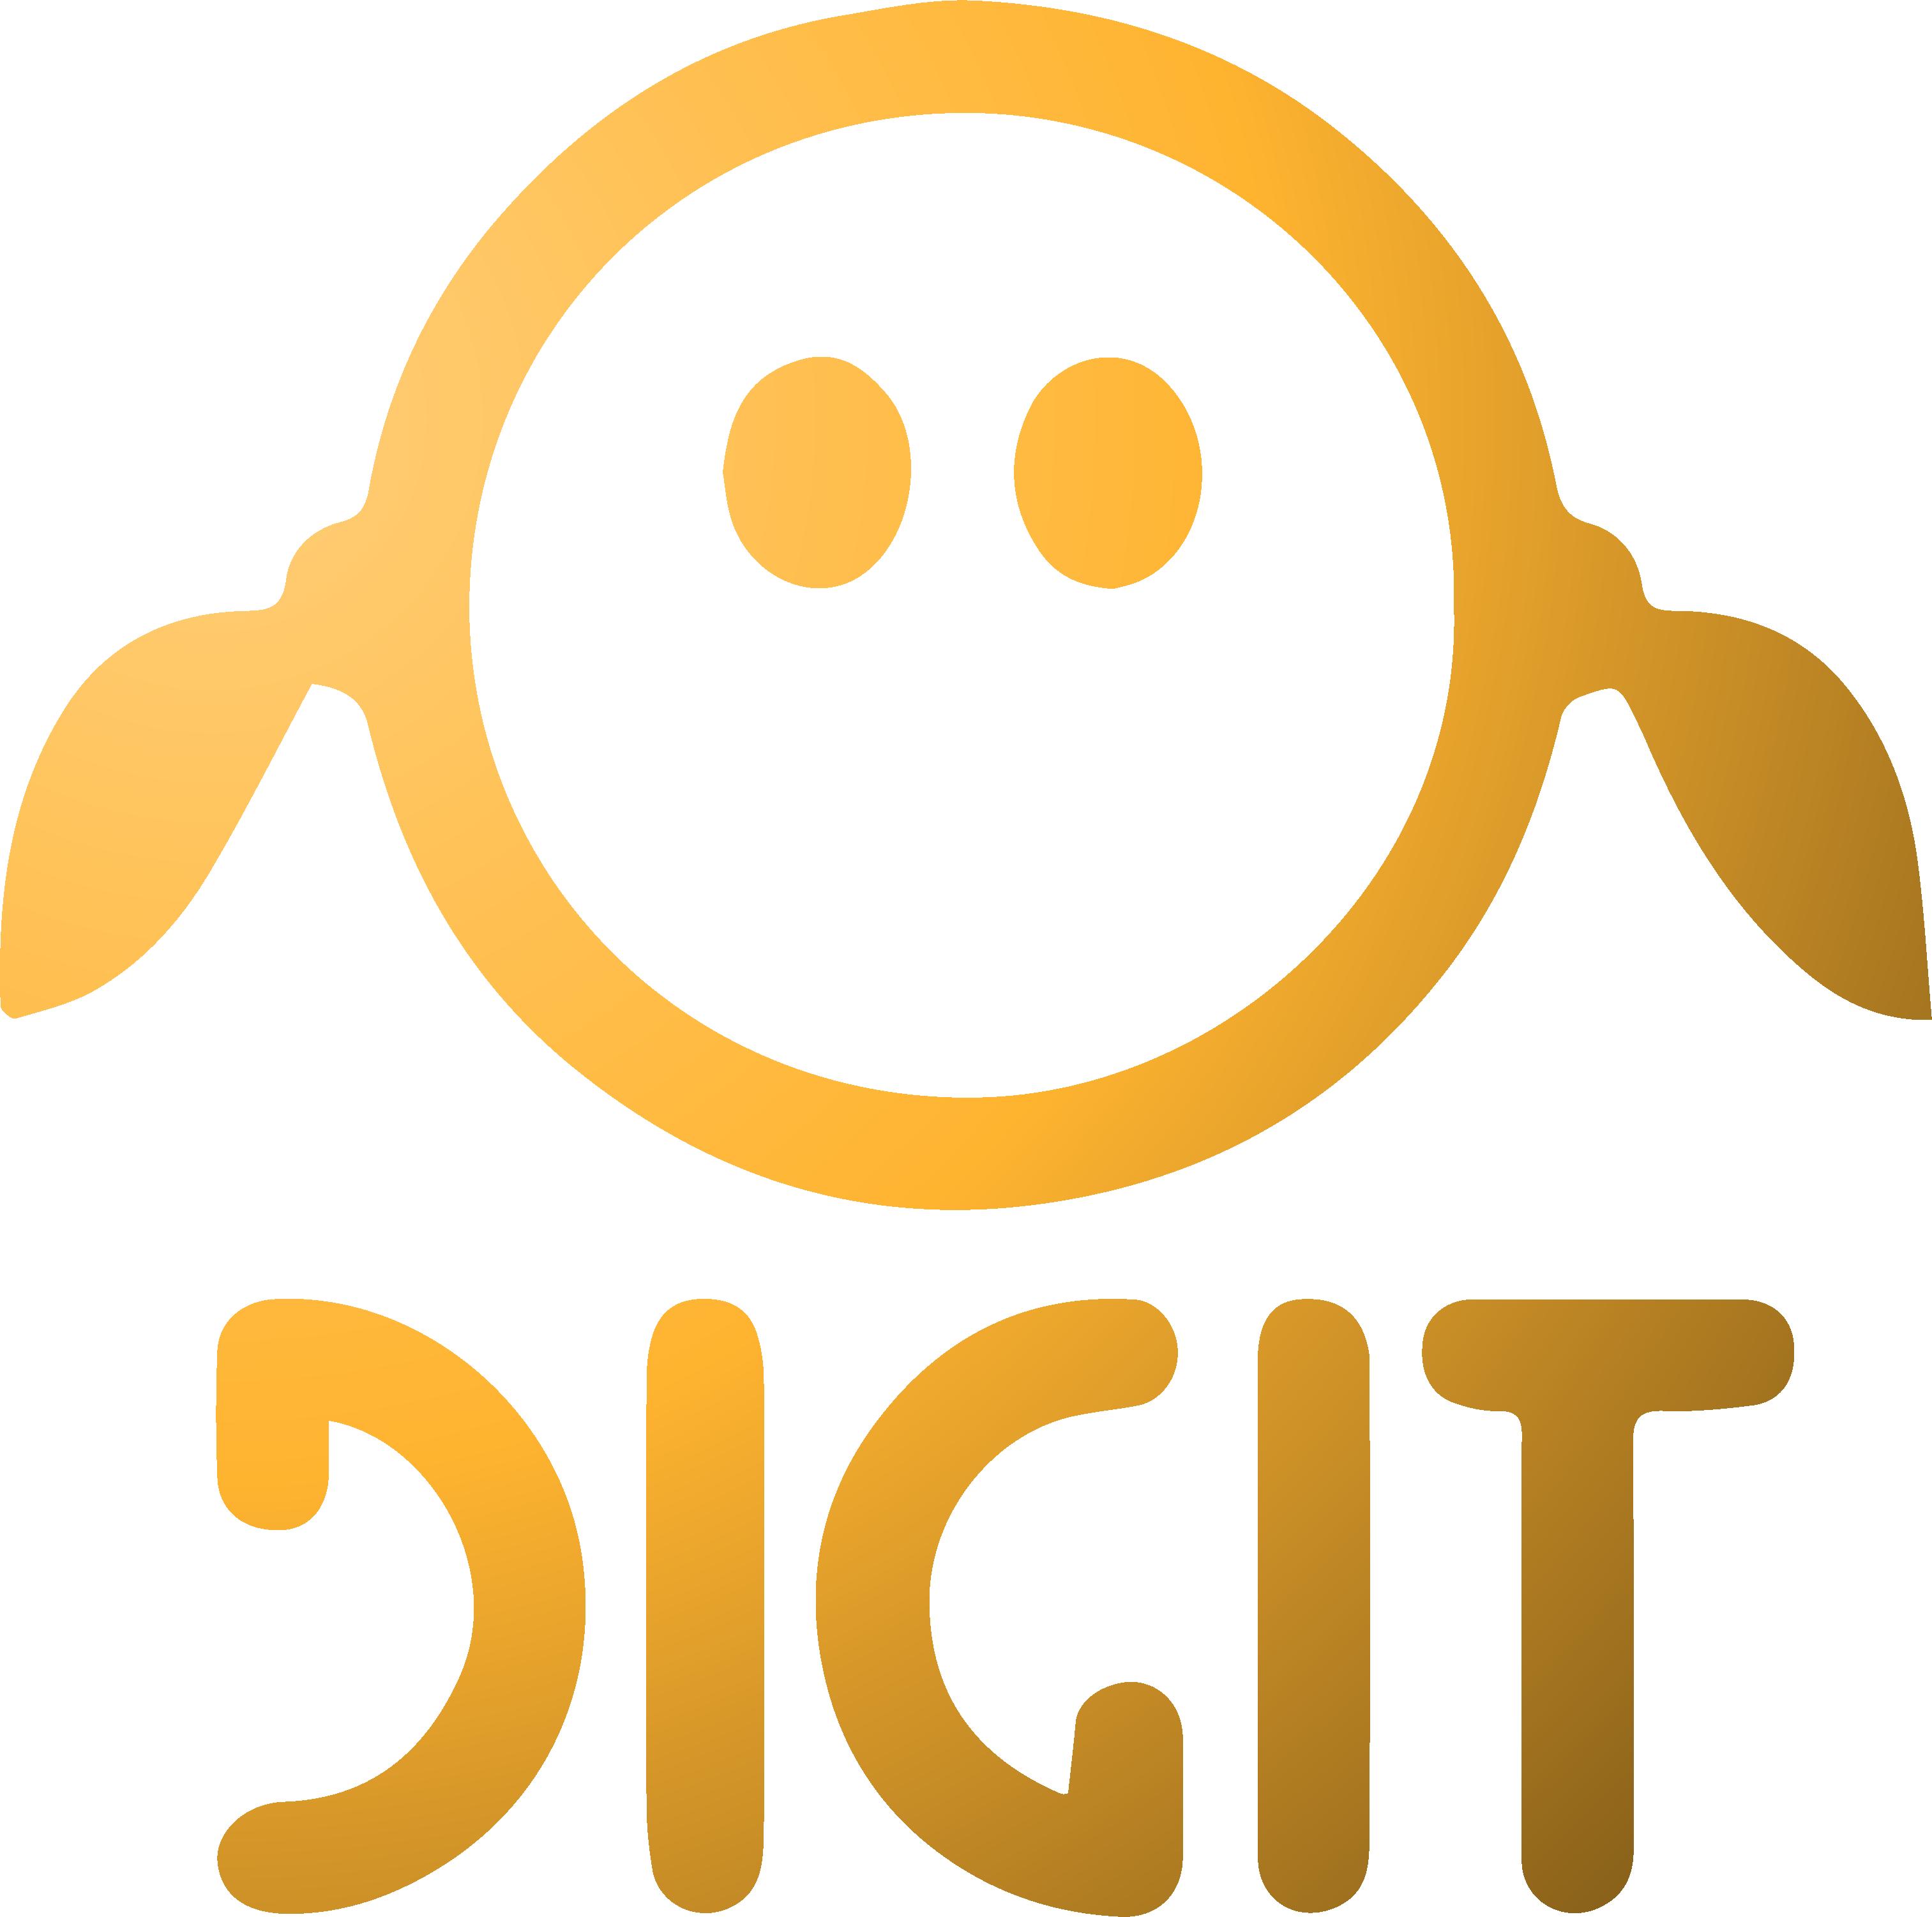 DigIT 2021